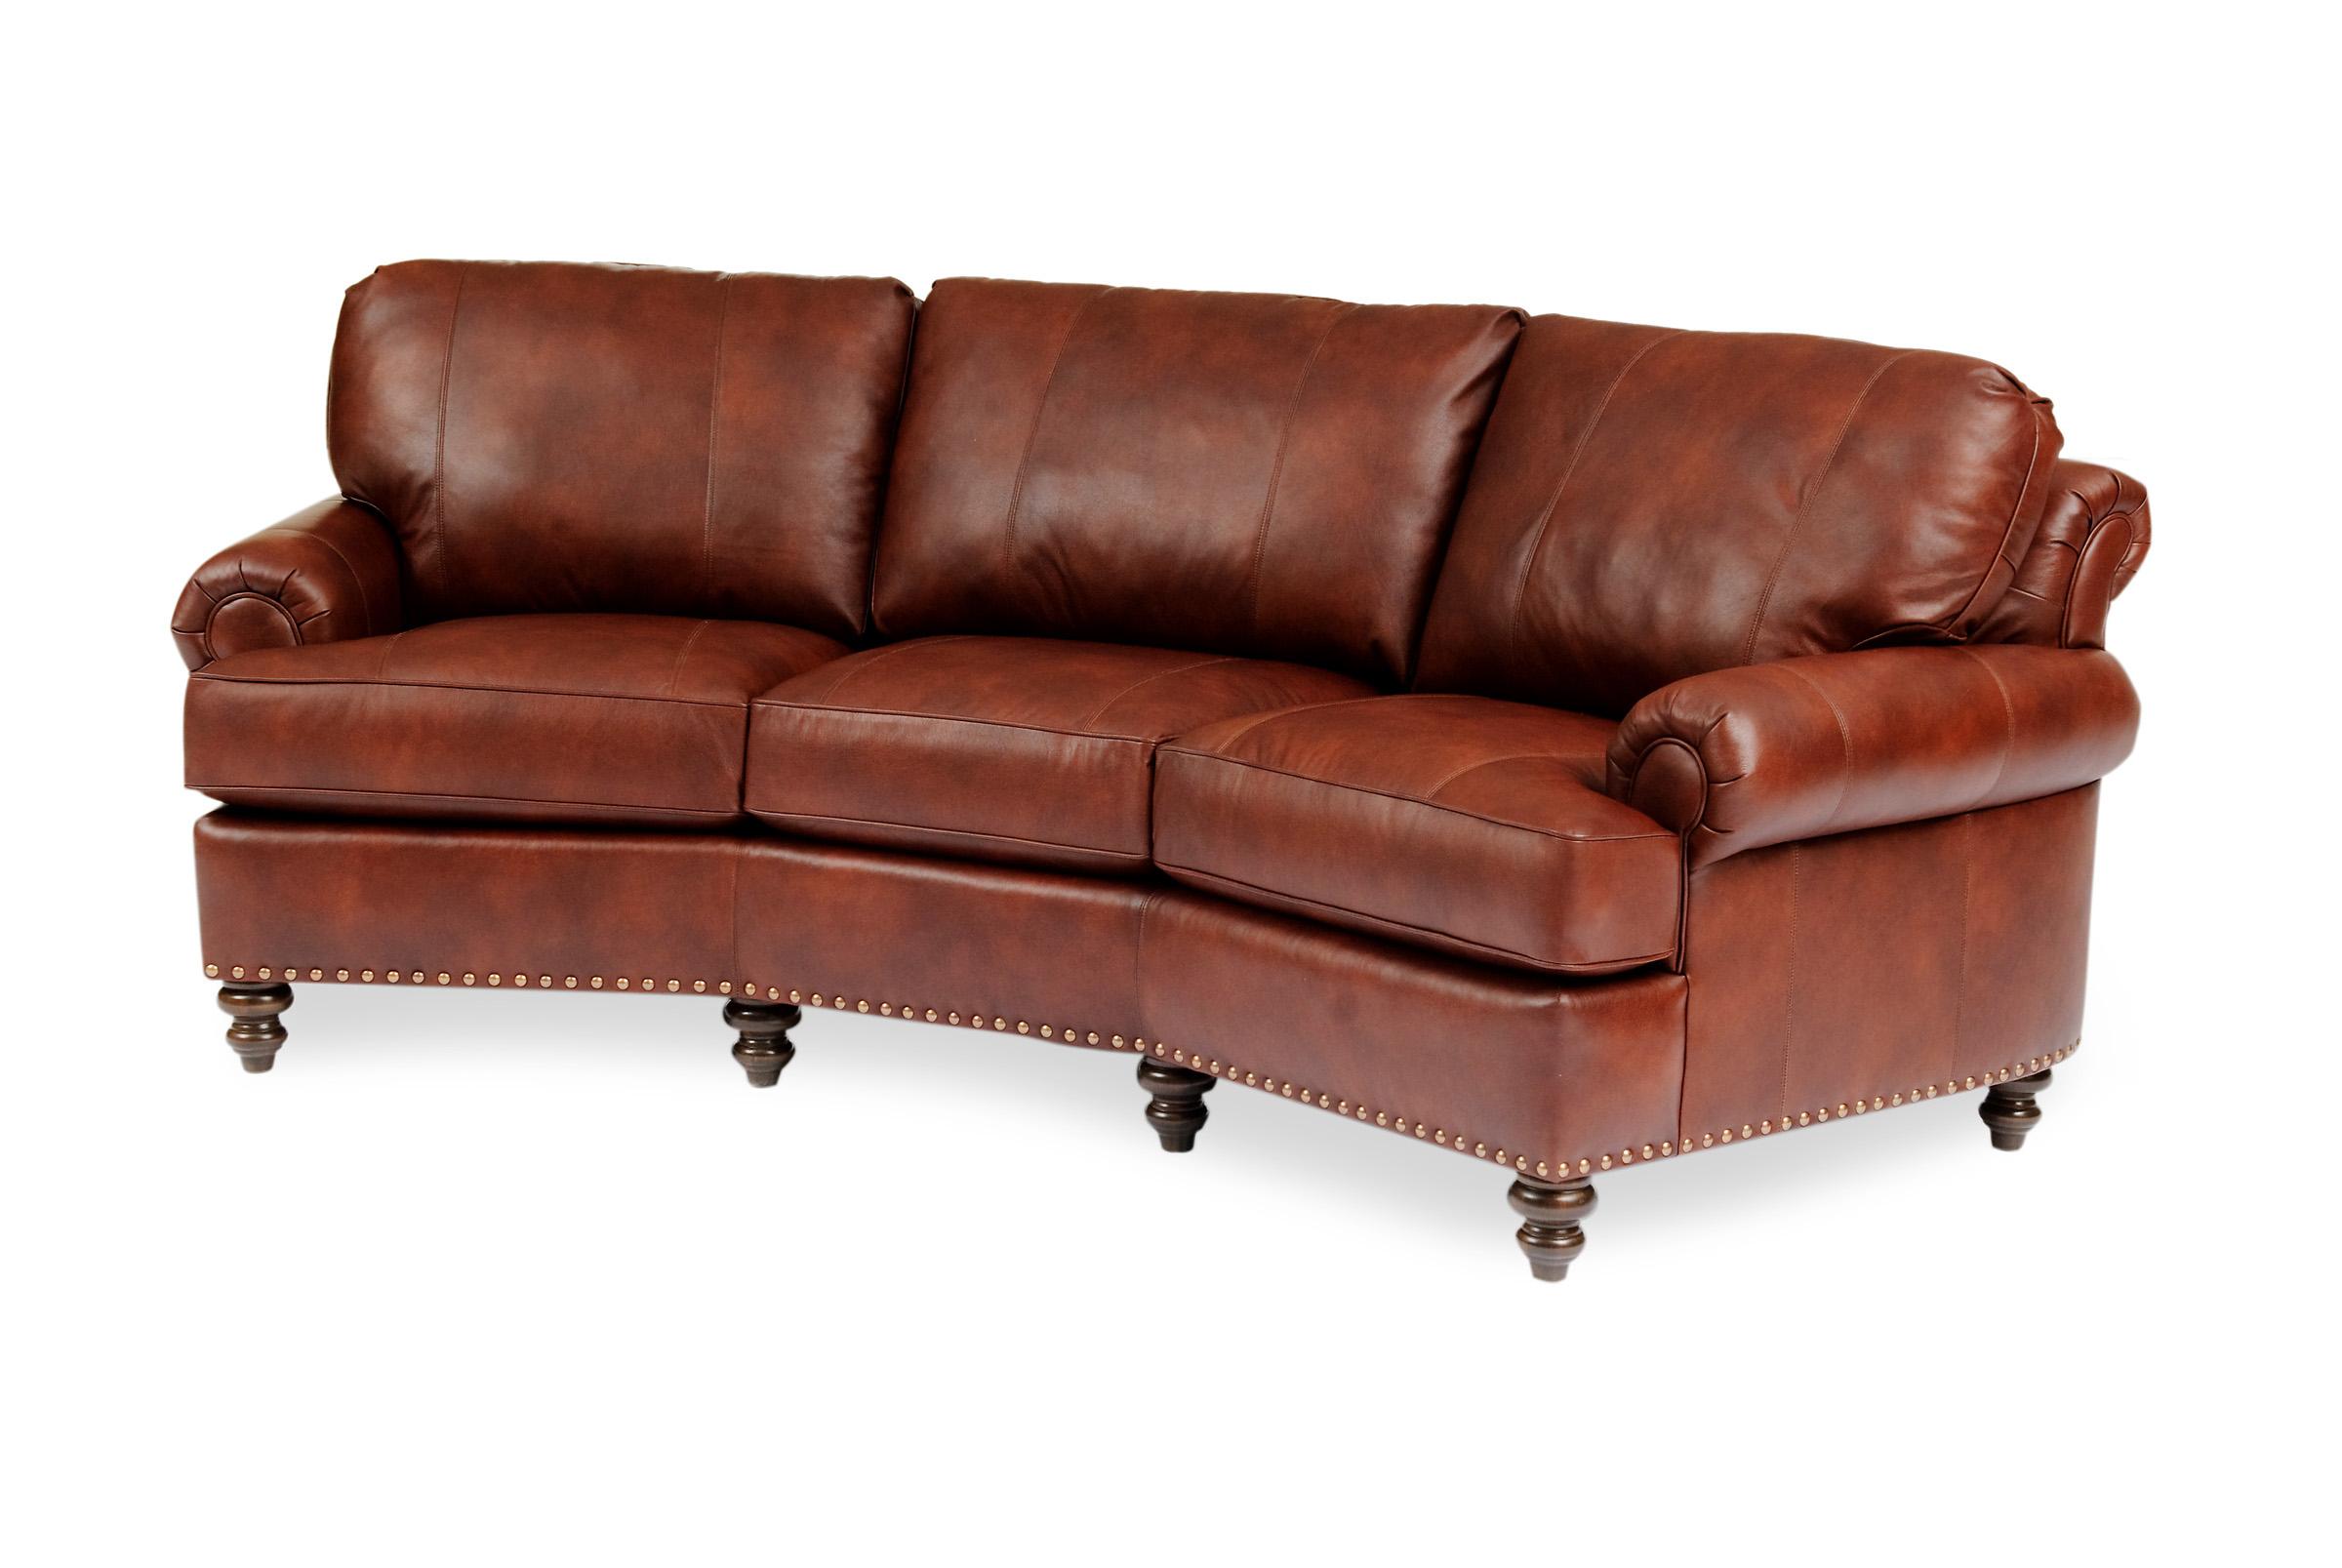 conversation sofas reviews sofasworld contact number sofa saugerties furniture